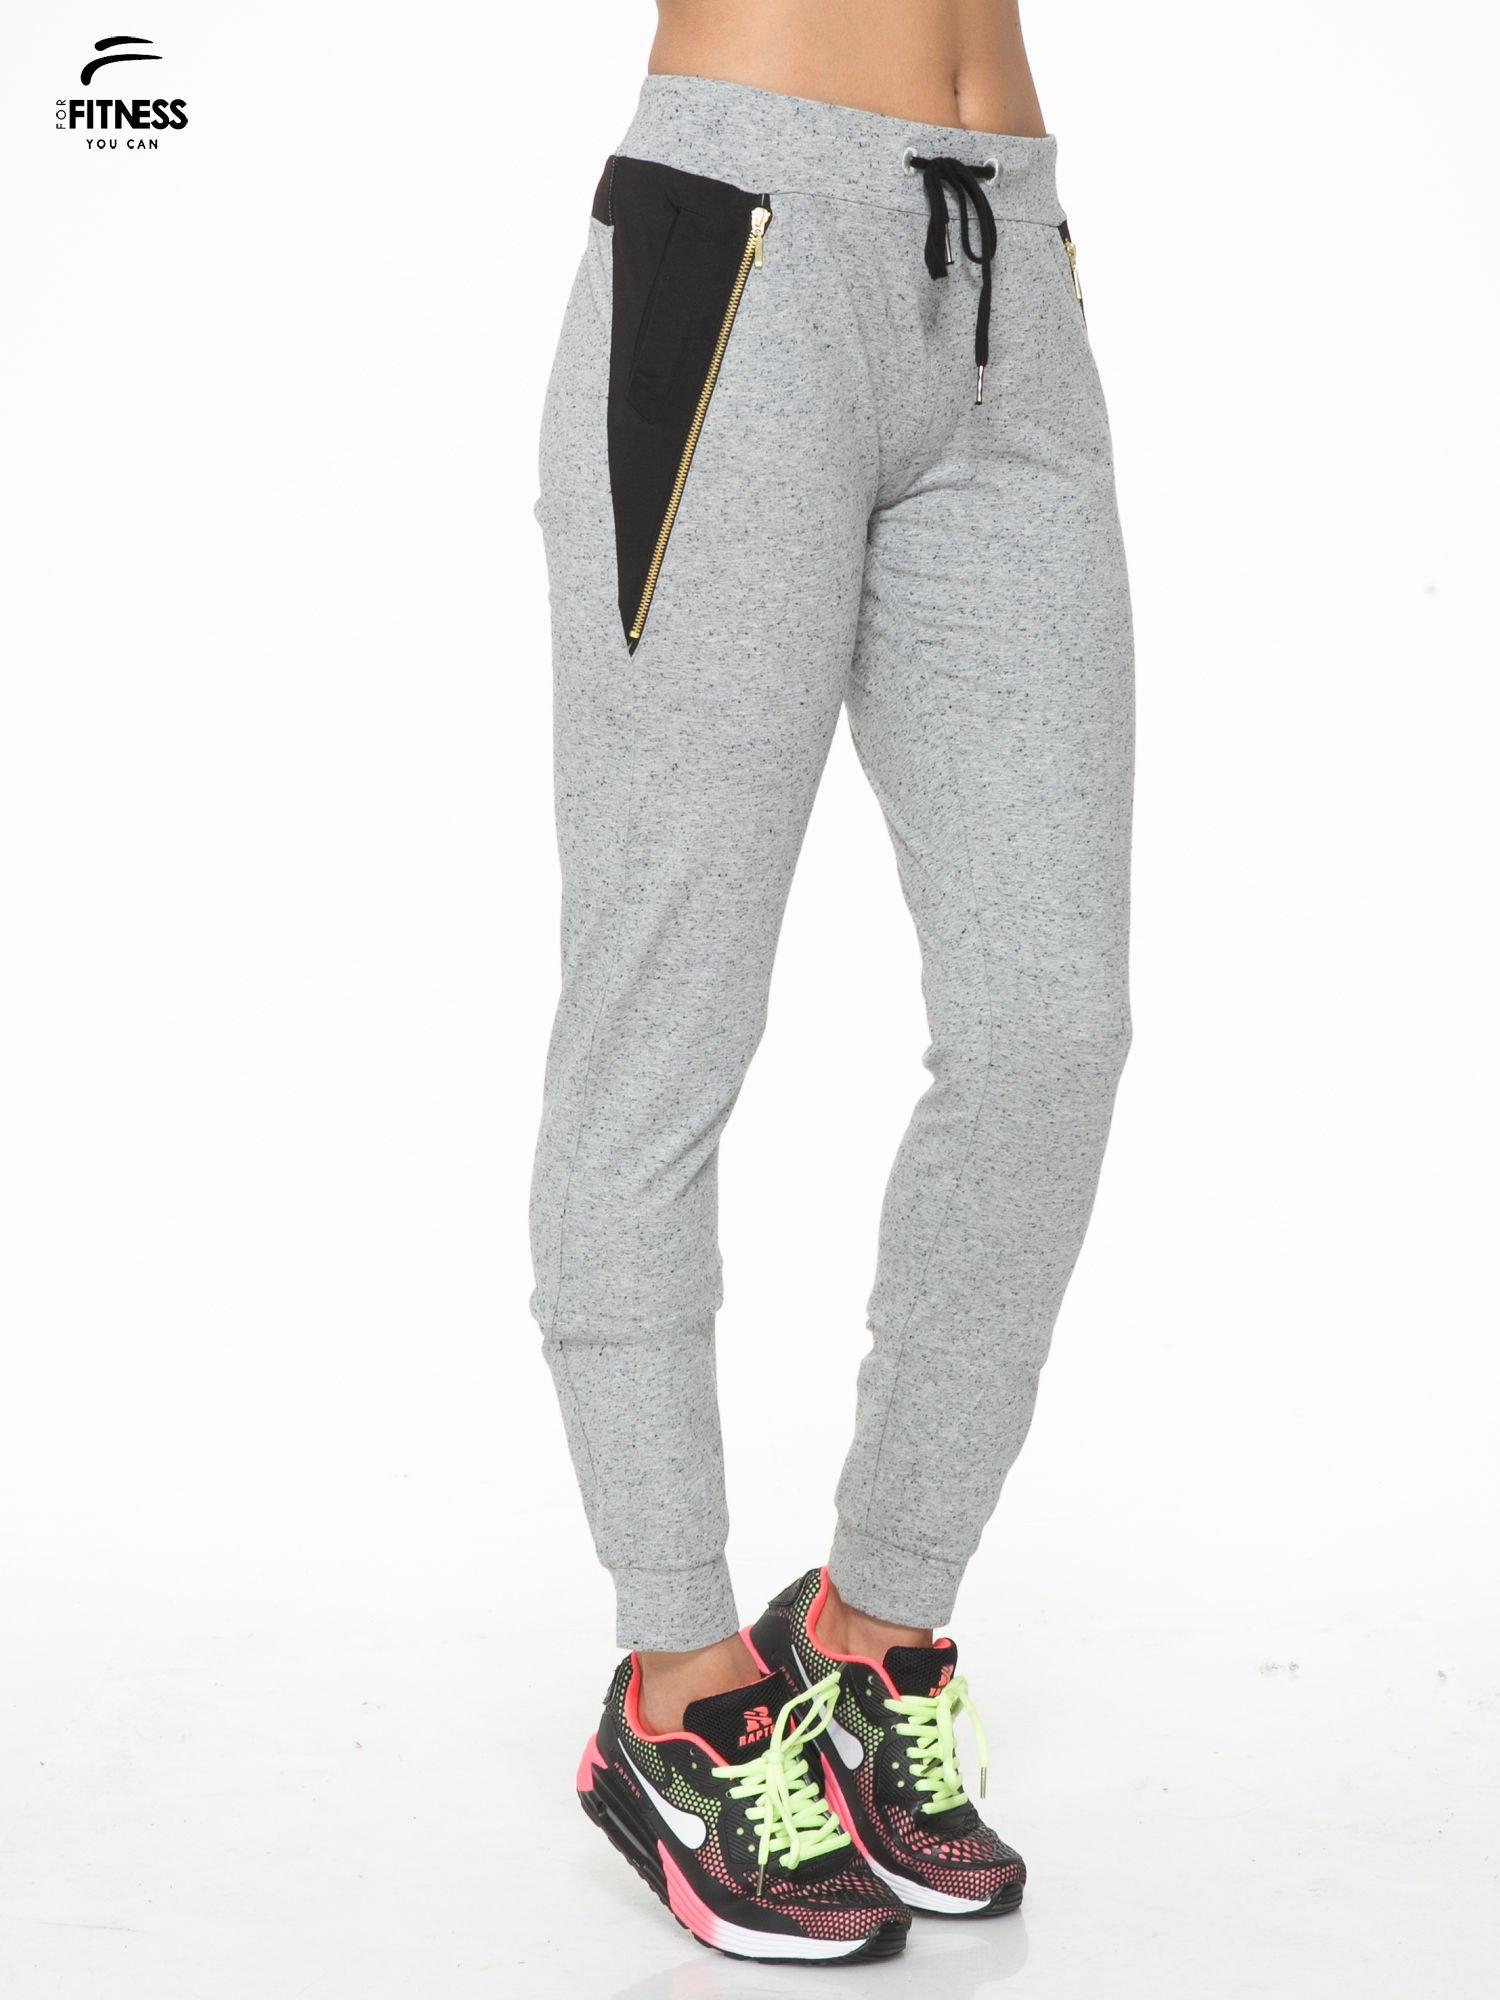 Szare spodnie dresowe damskie z suwakiem i kontrastowymi wstawkami po bokach                                  zdj.                                  3